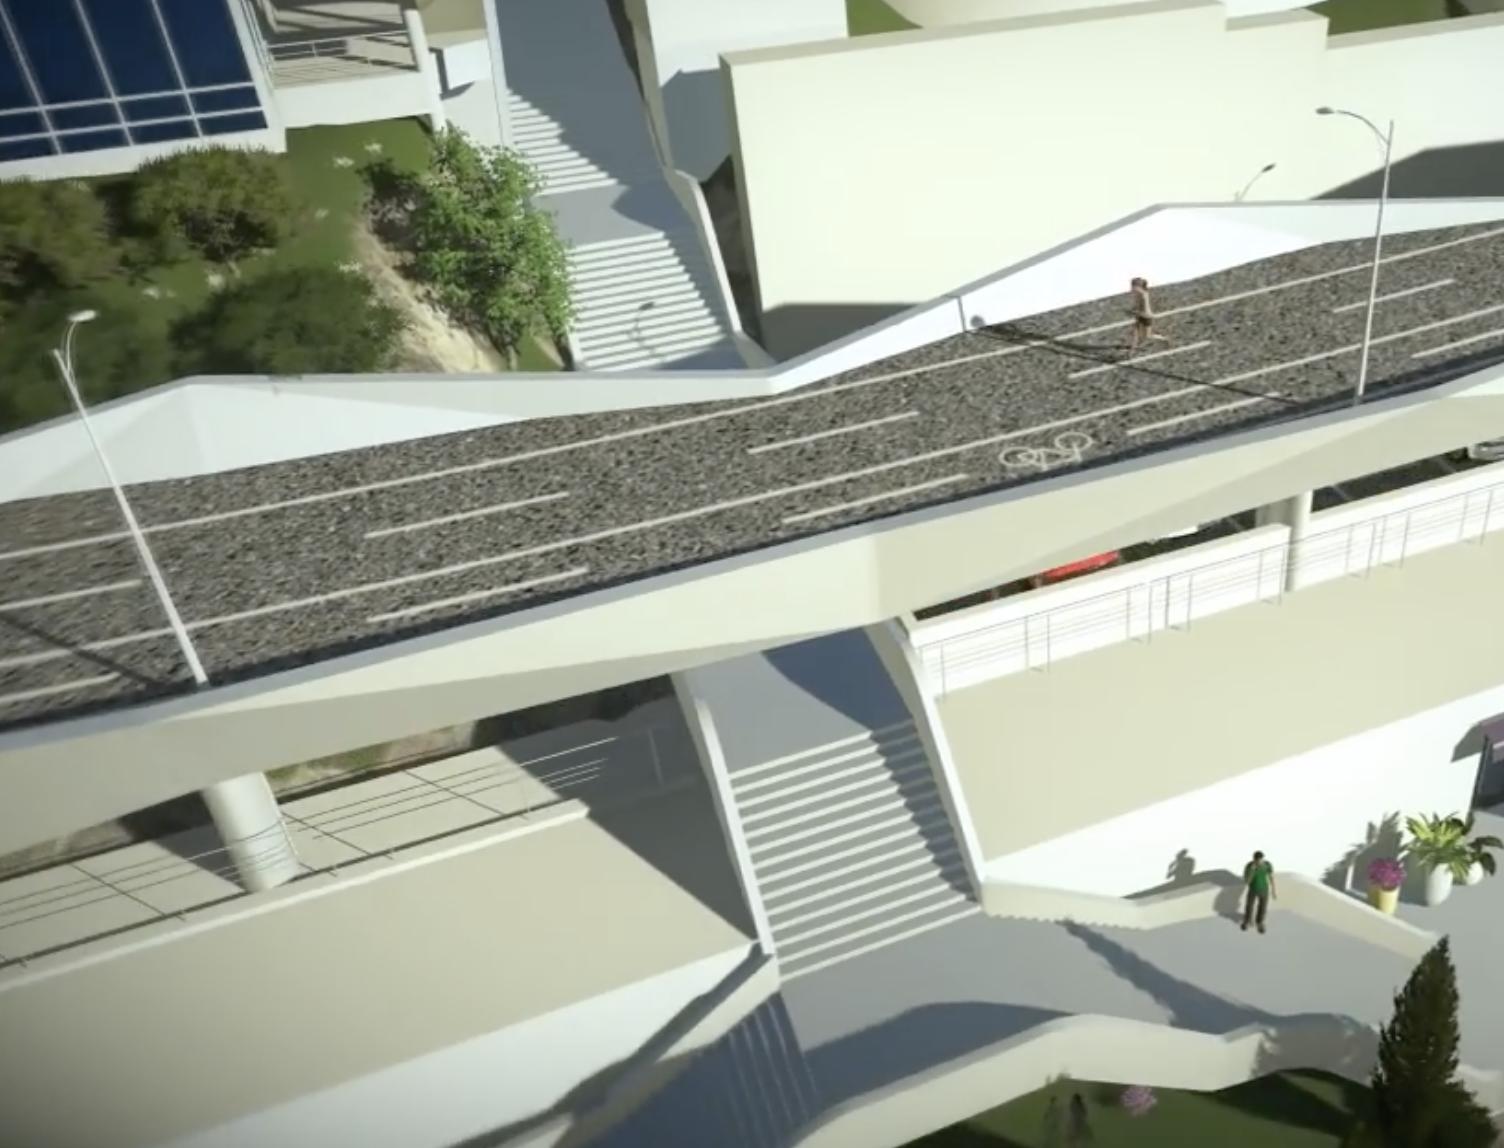 В мэрии объявили о начале строительства эстакады для продления Трассы здоровья